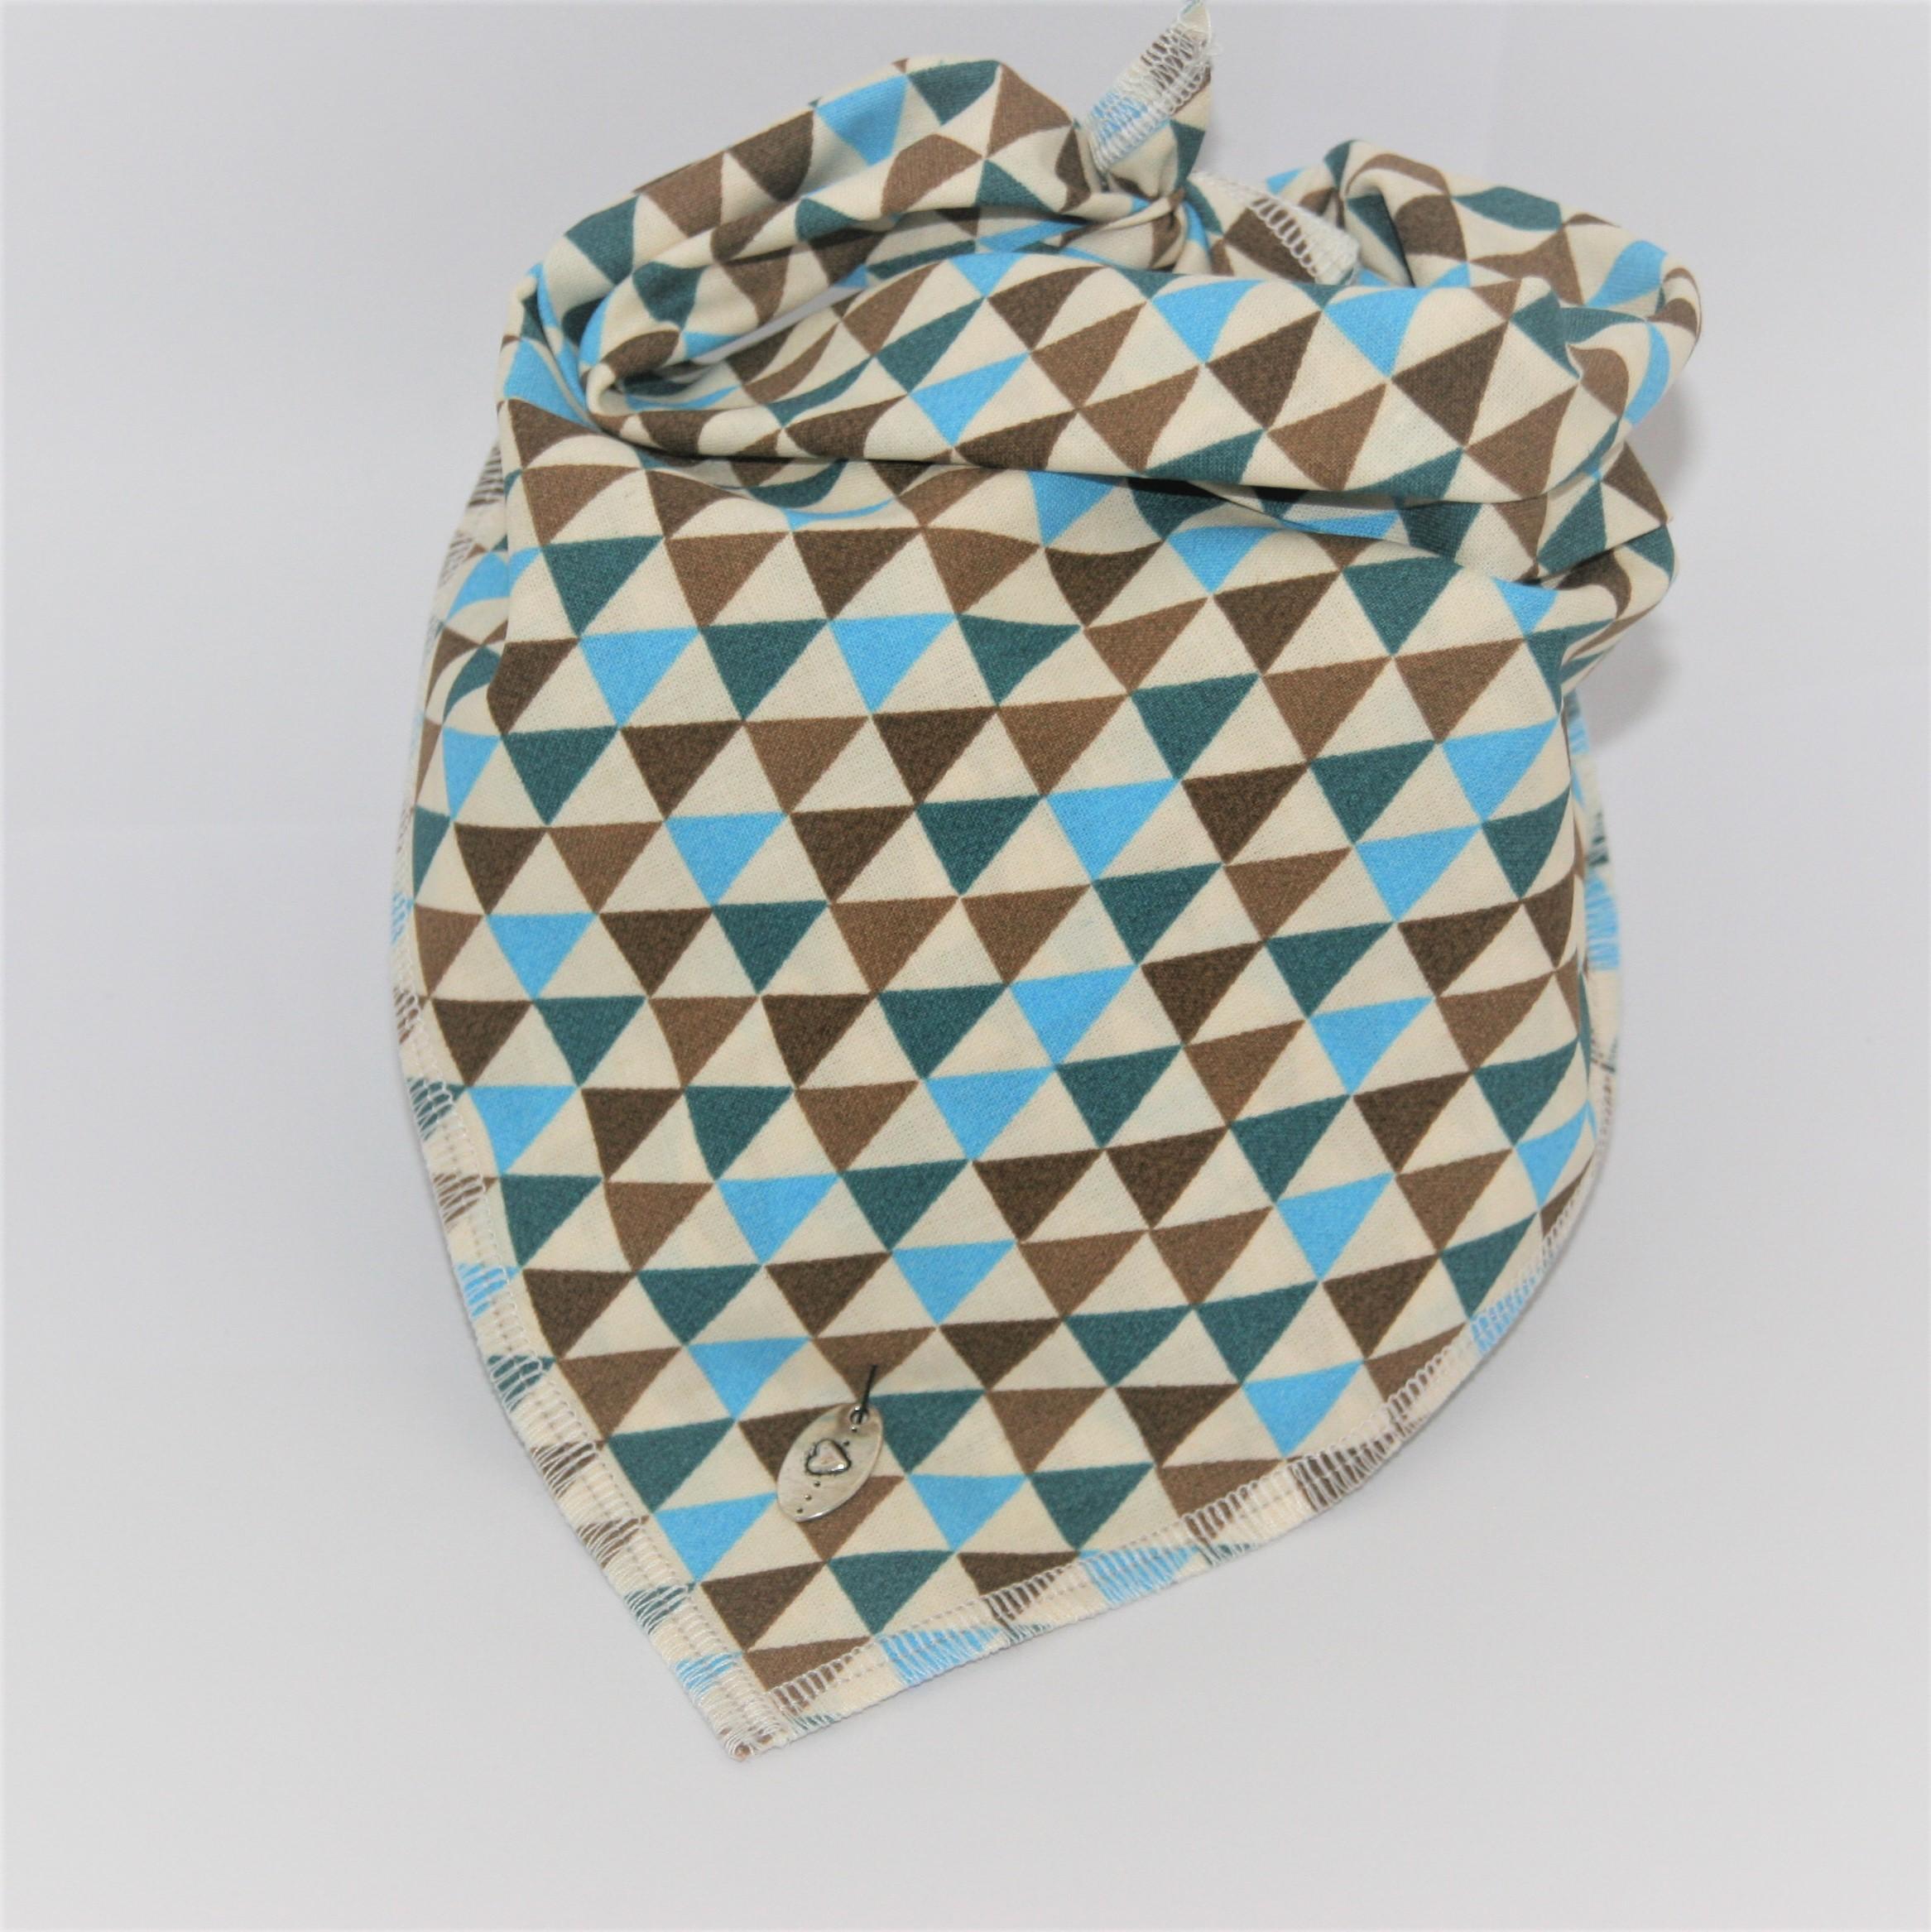 Das Hundehalstuch Triangel türkis, braun ist in 3 verschiedenen Größen lieferbar!